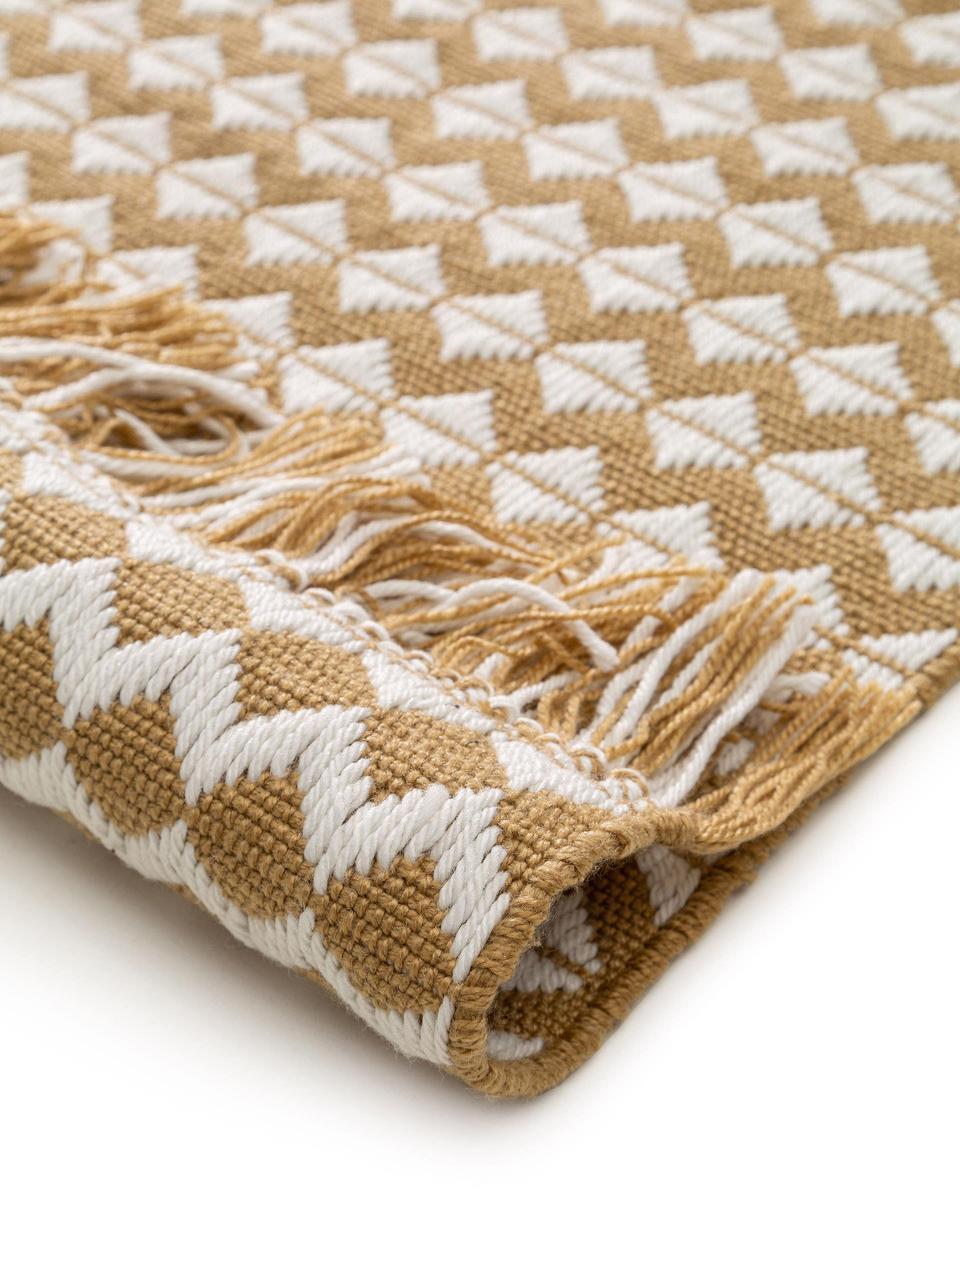 In- & Outdoor-Teppich Morty mit Ethnomuster und Fransen, 100% Polyester (recyceltes PET), Gelb, gebrochenes Weiß, B 80 x L 150 cm (Größe XS)